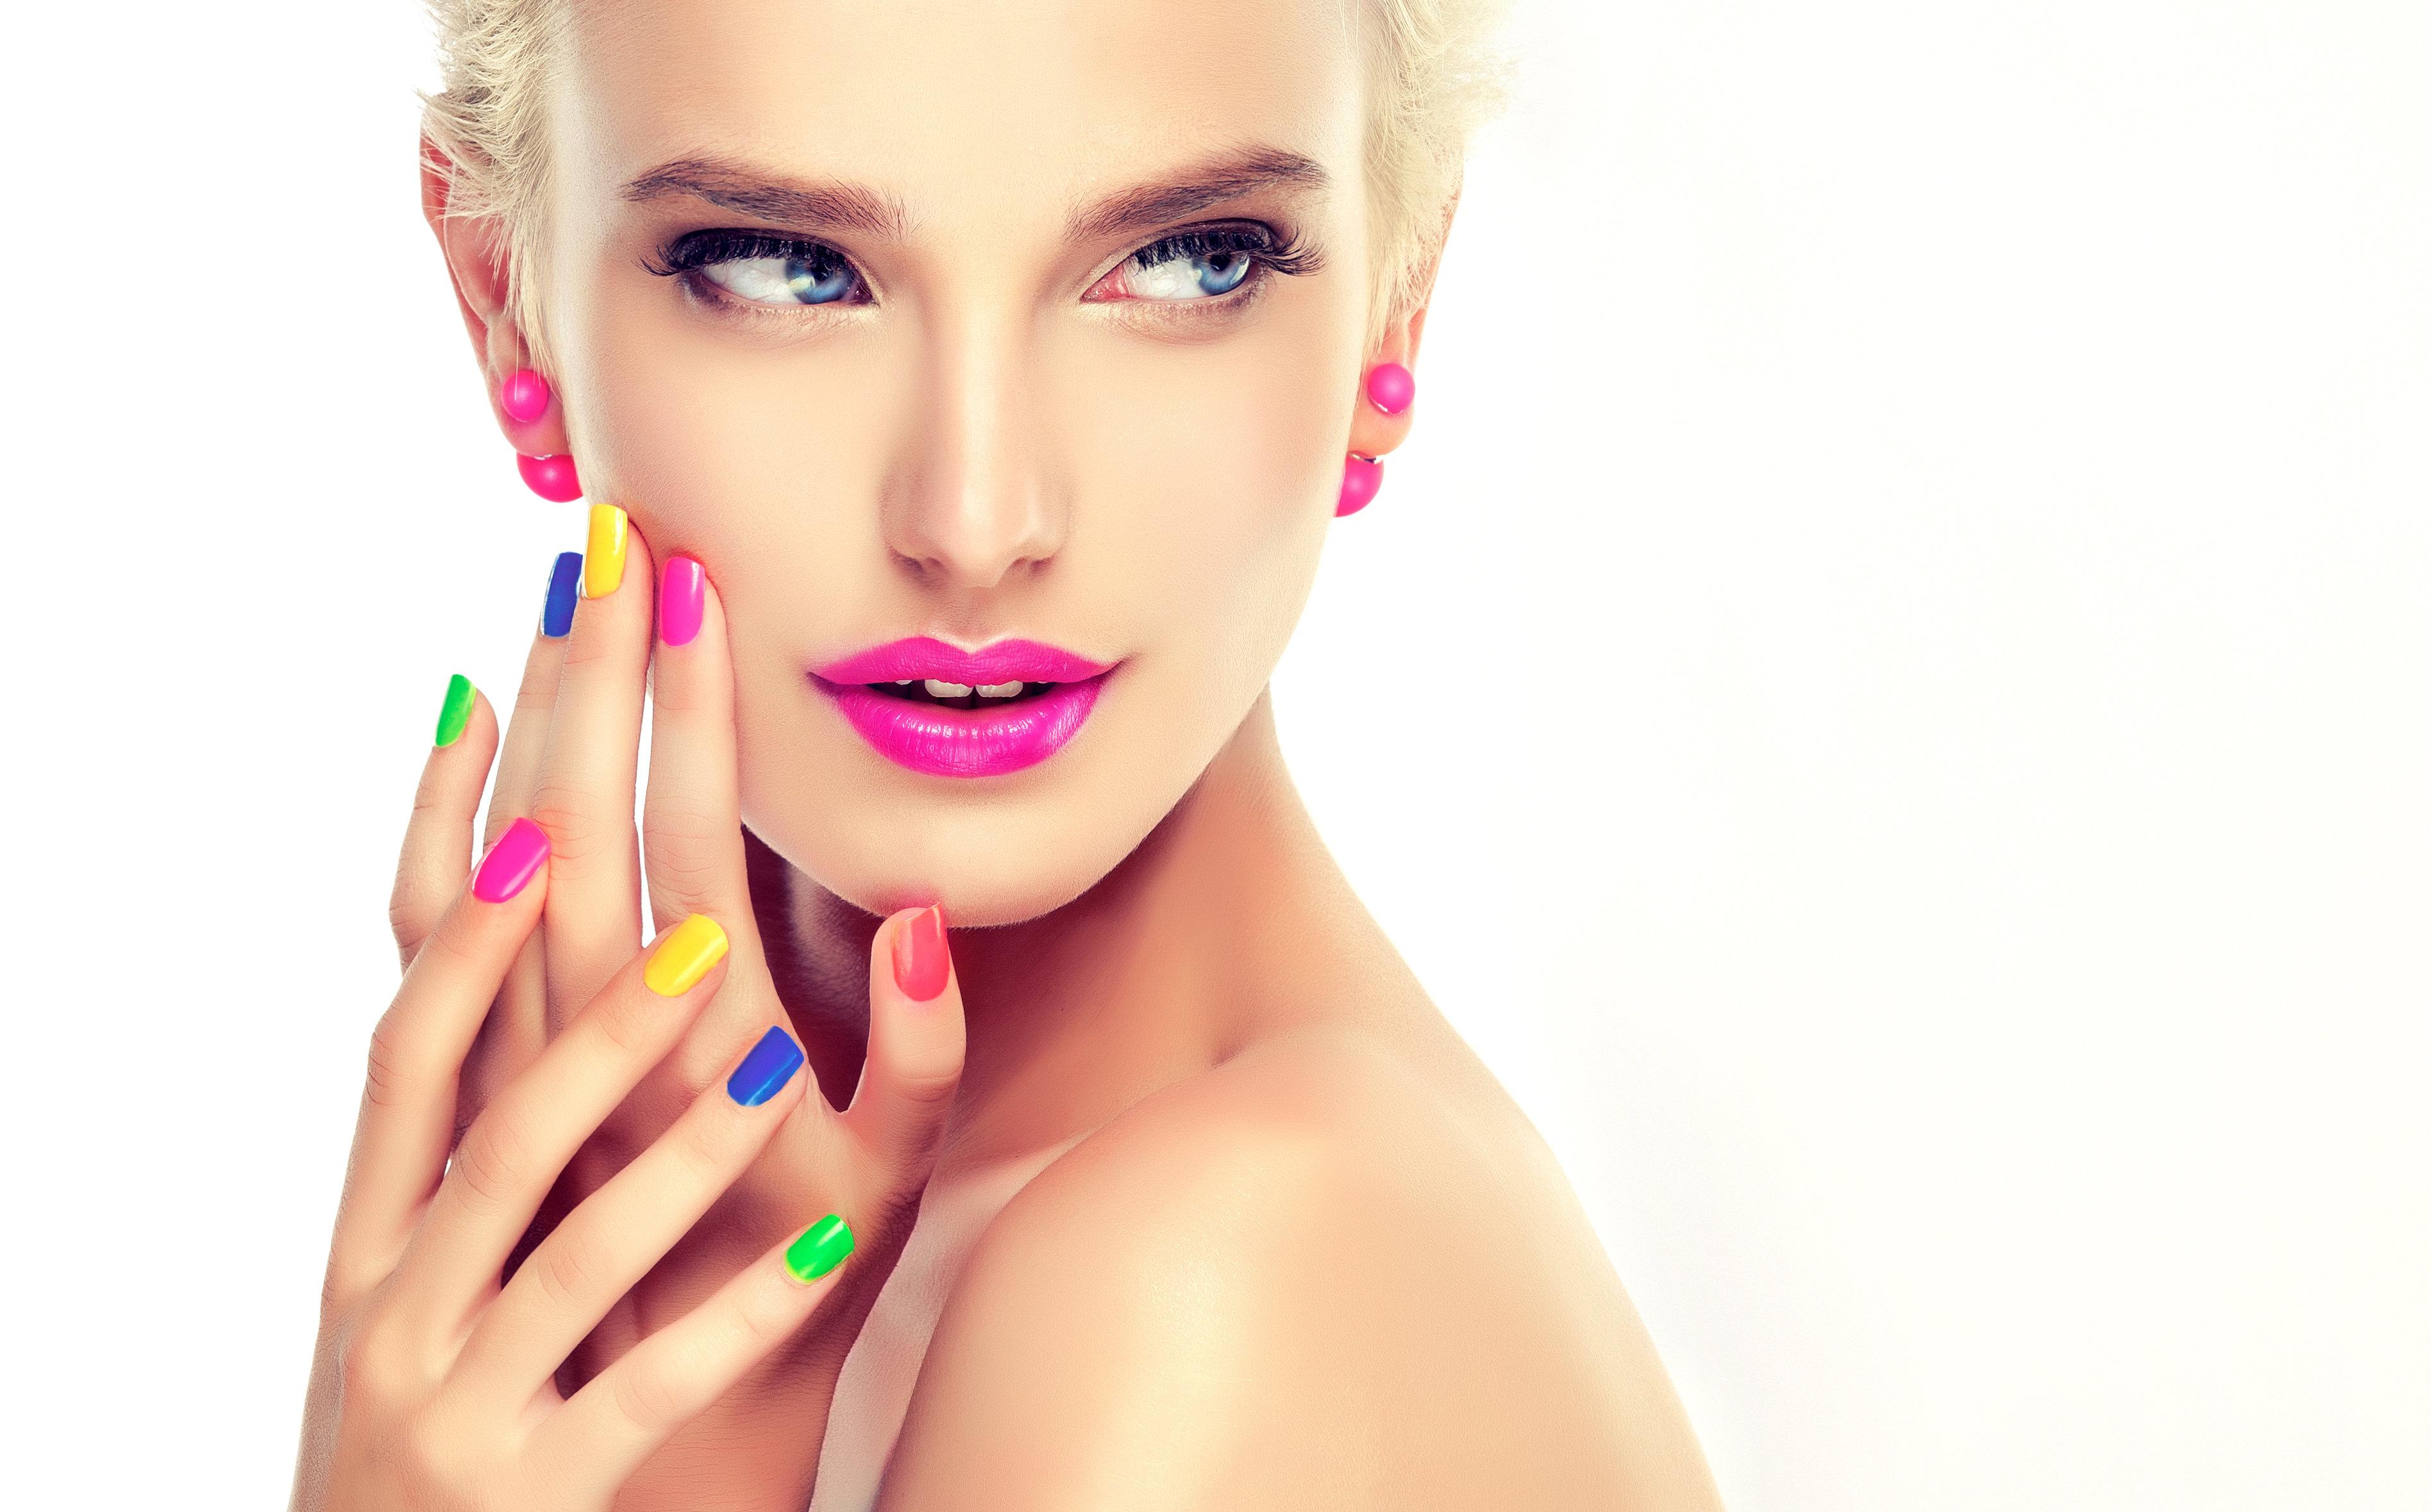 Картинки салонов красоты для рекламы